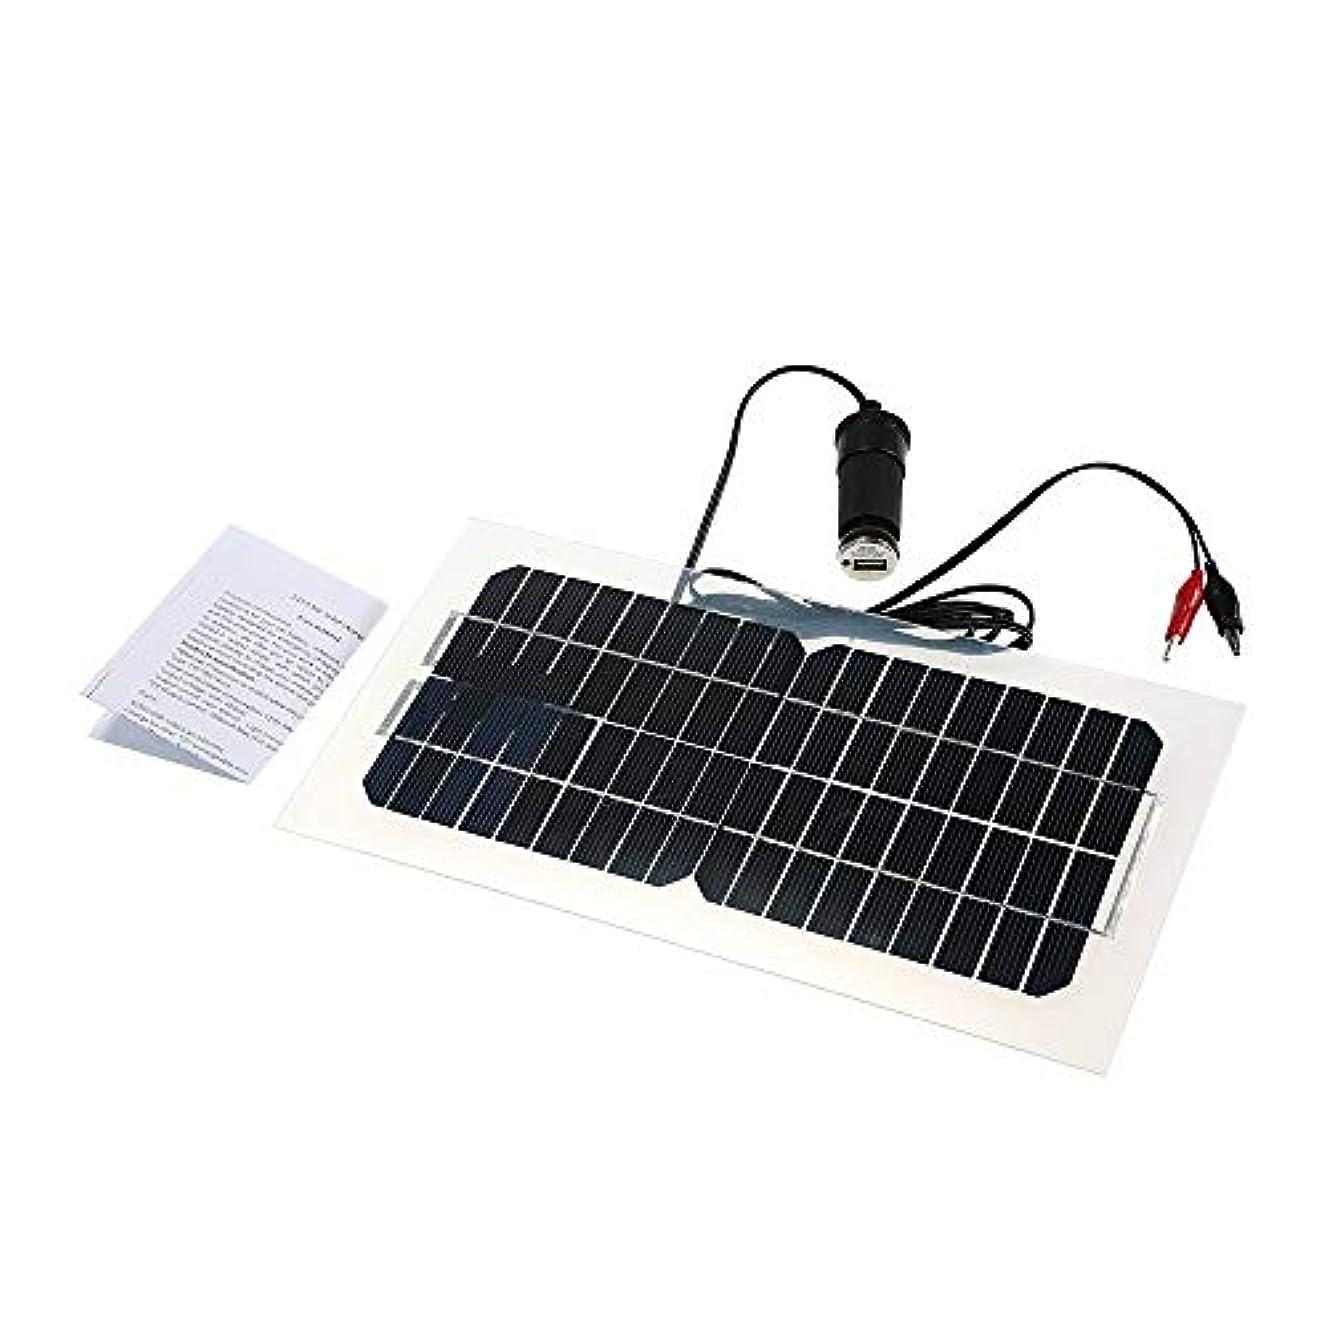 証言する粘り強いありがたいケーブルが付いている18V 5.5W 31.5 x 16.5 x 0.15CMの半適用範囲が広い太陽電池パネル